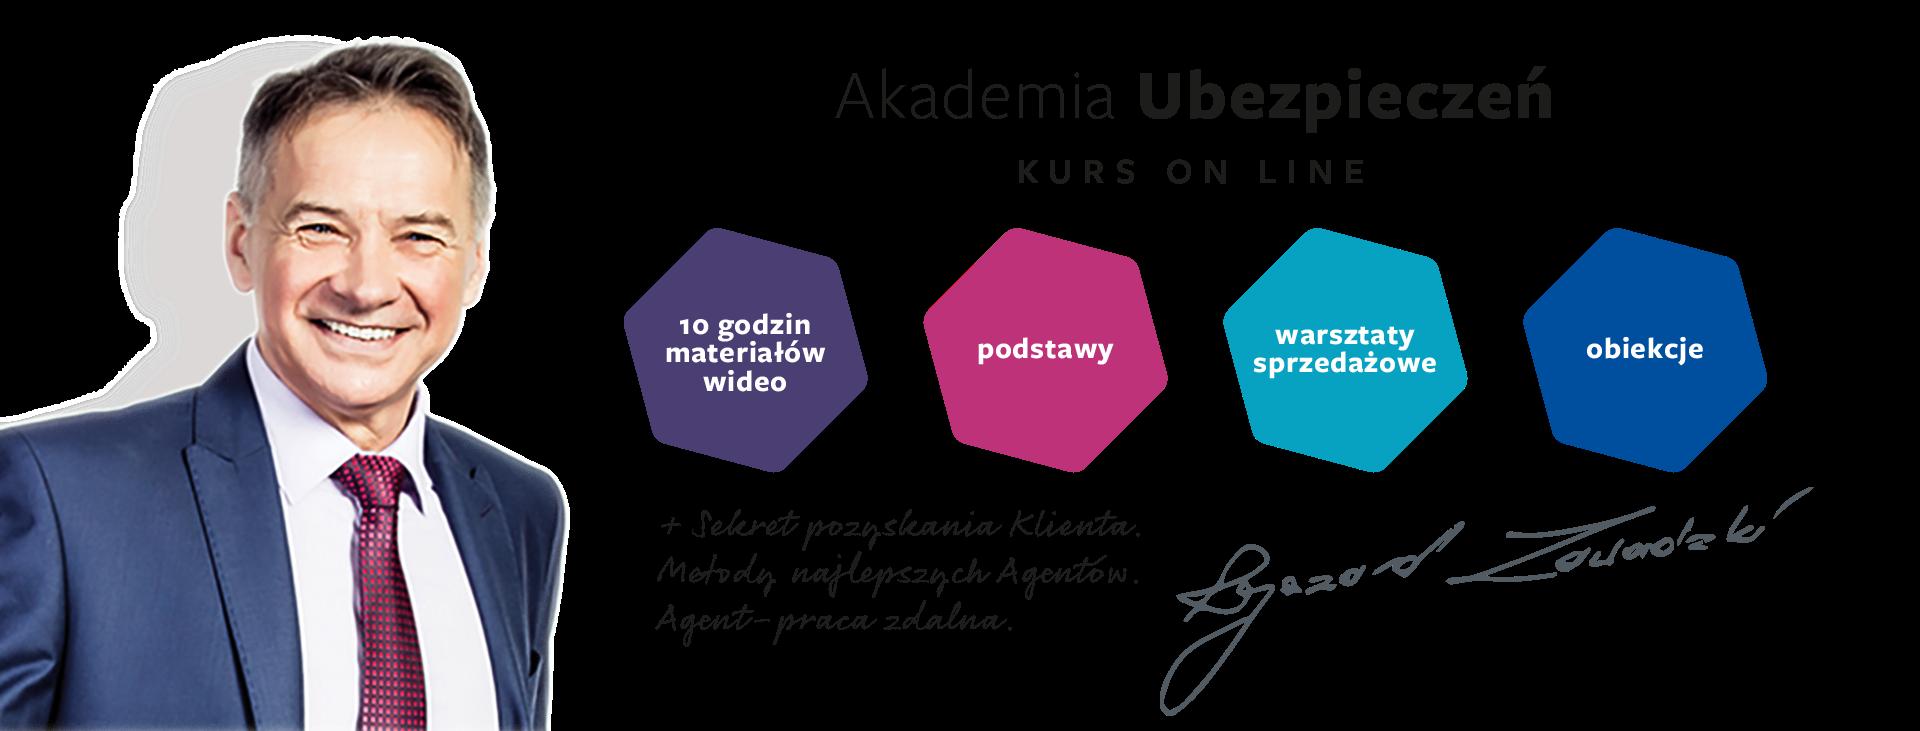 Akademia Ubezpieczeń Ryszard Zawadzki